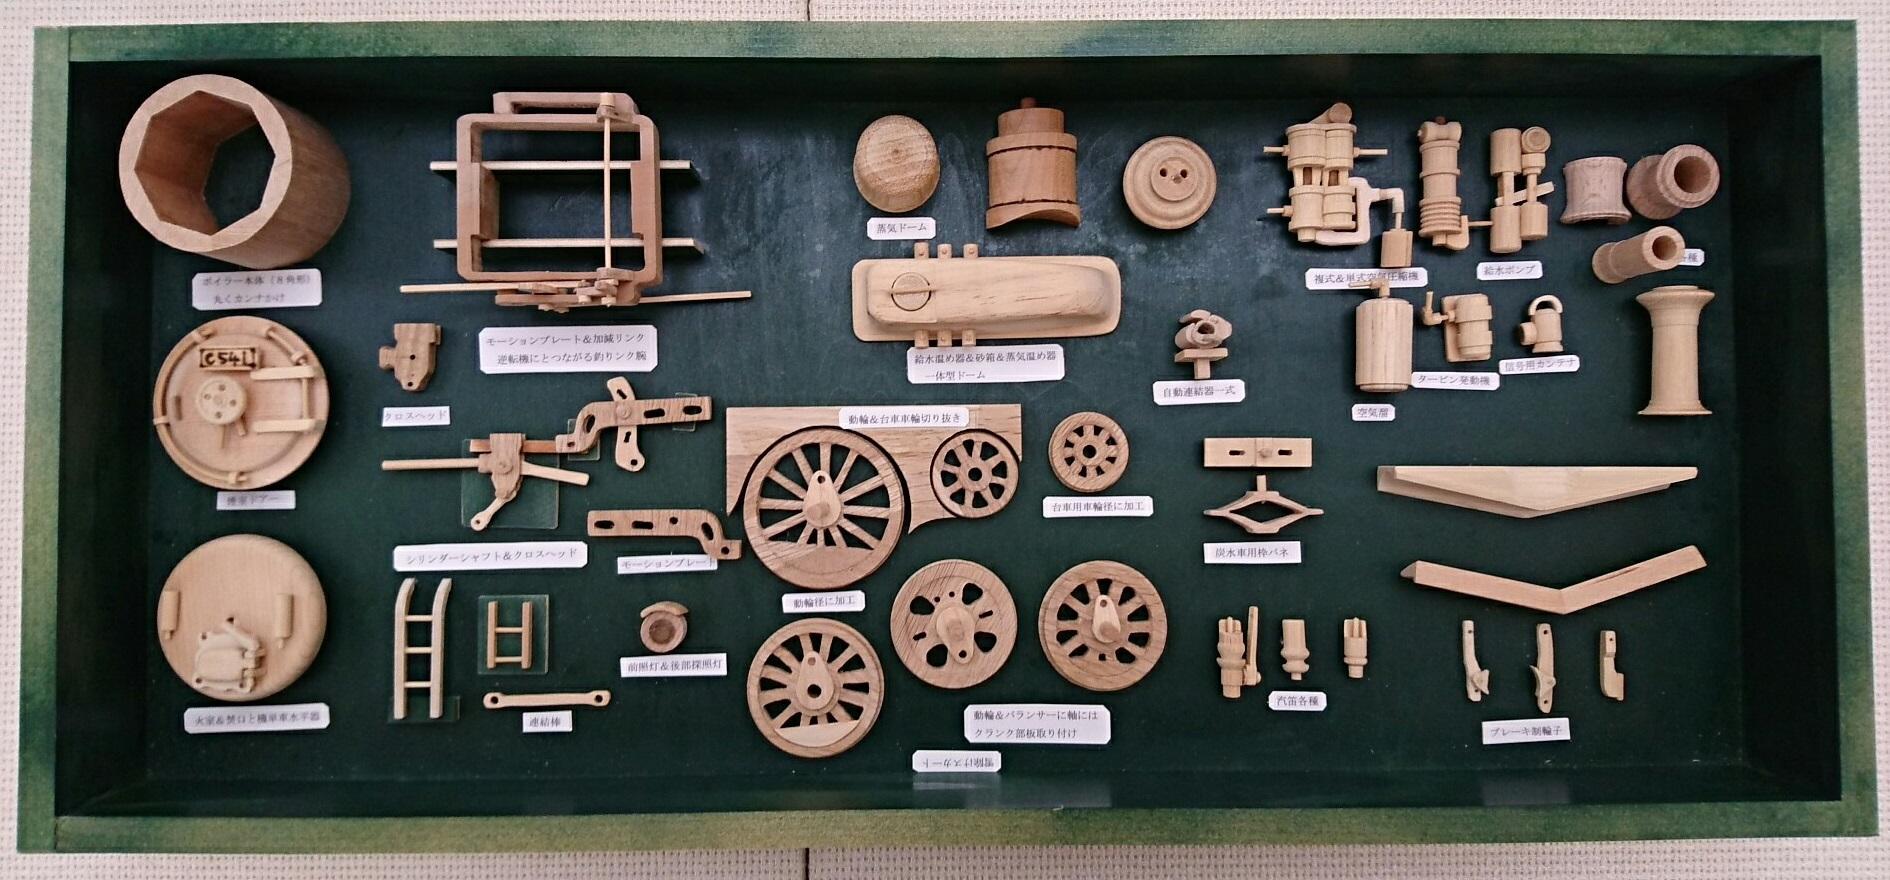 2018.3.22 木工細工蒸気機関車作品展 (16) 部品群 1890-880